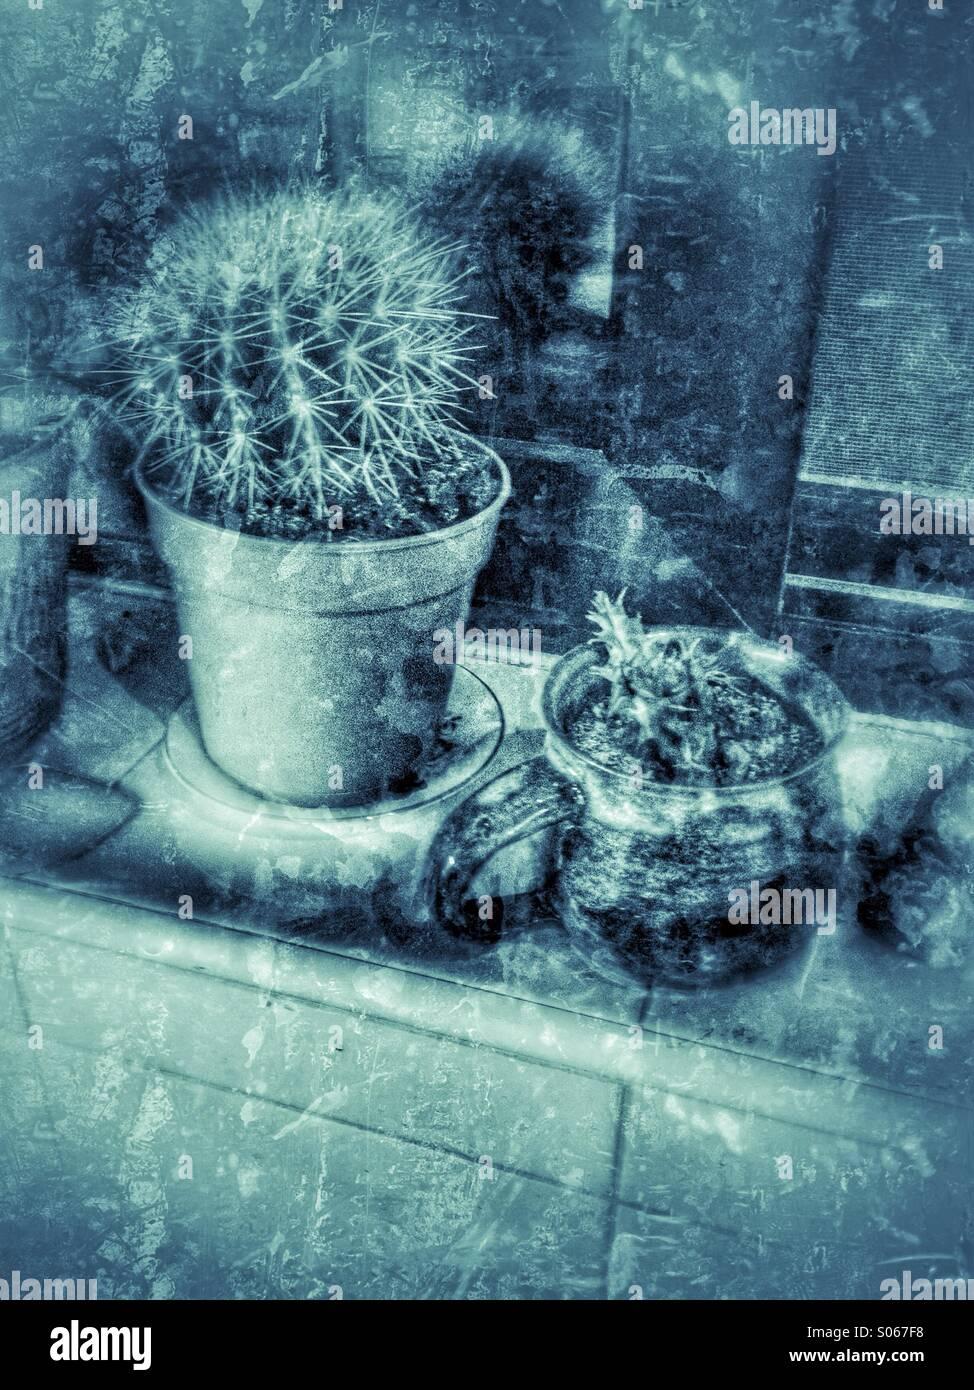 Cucina cactus su un davanzale Immagini Stock